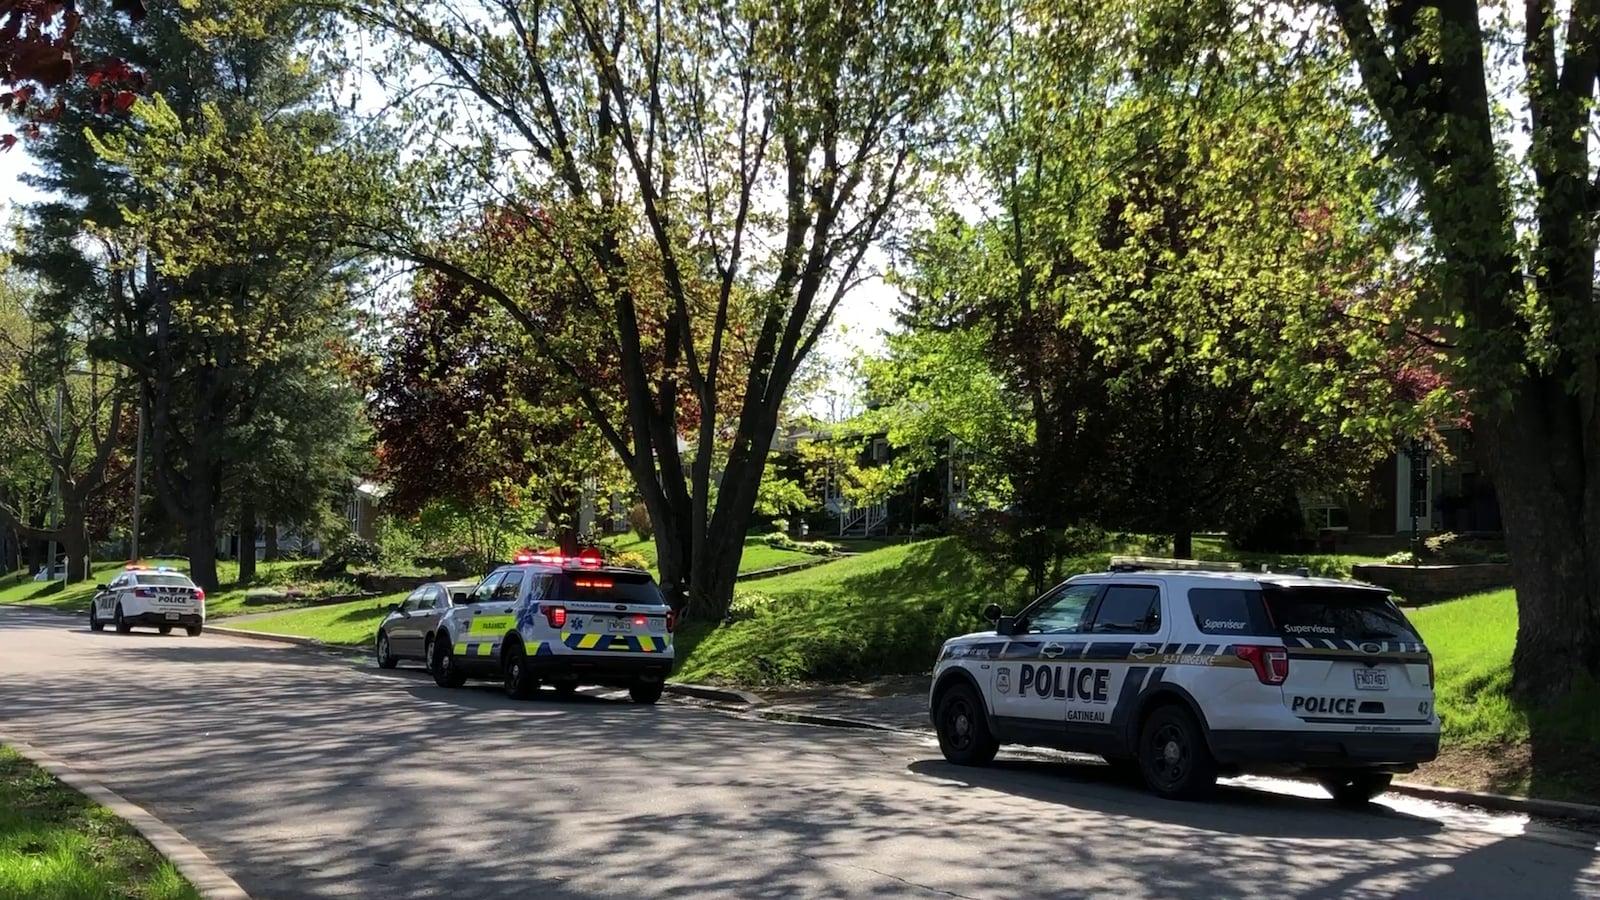 Des voitures de police et de premiers secours stationnées devant une résidence.